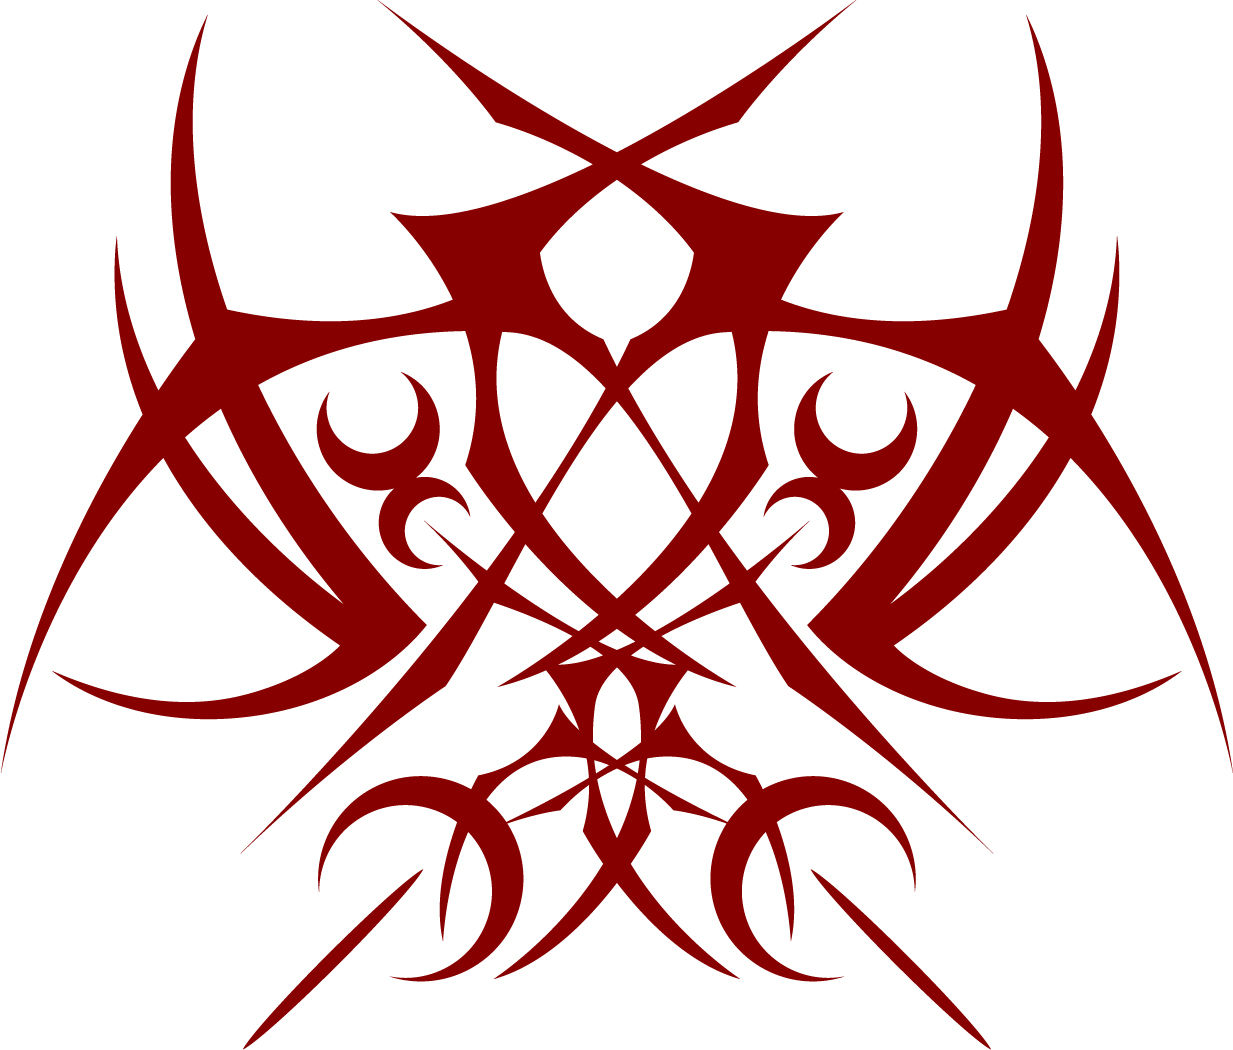 Fateシリーズの令呪のデザインって デザイン速報